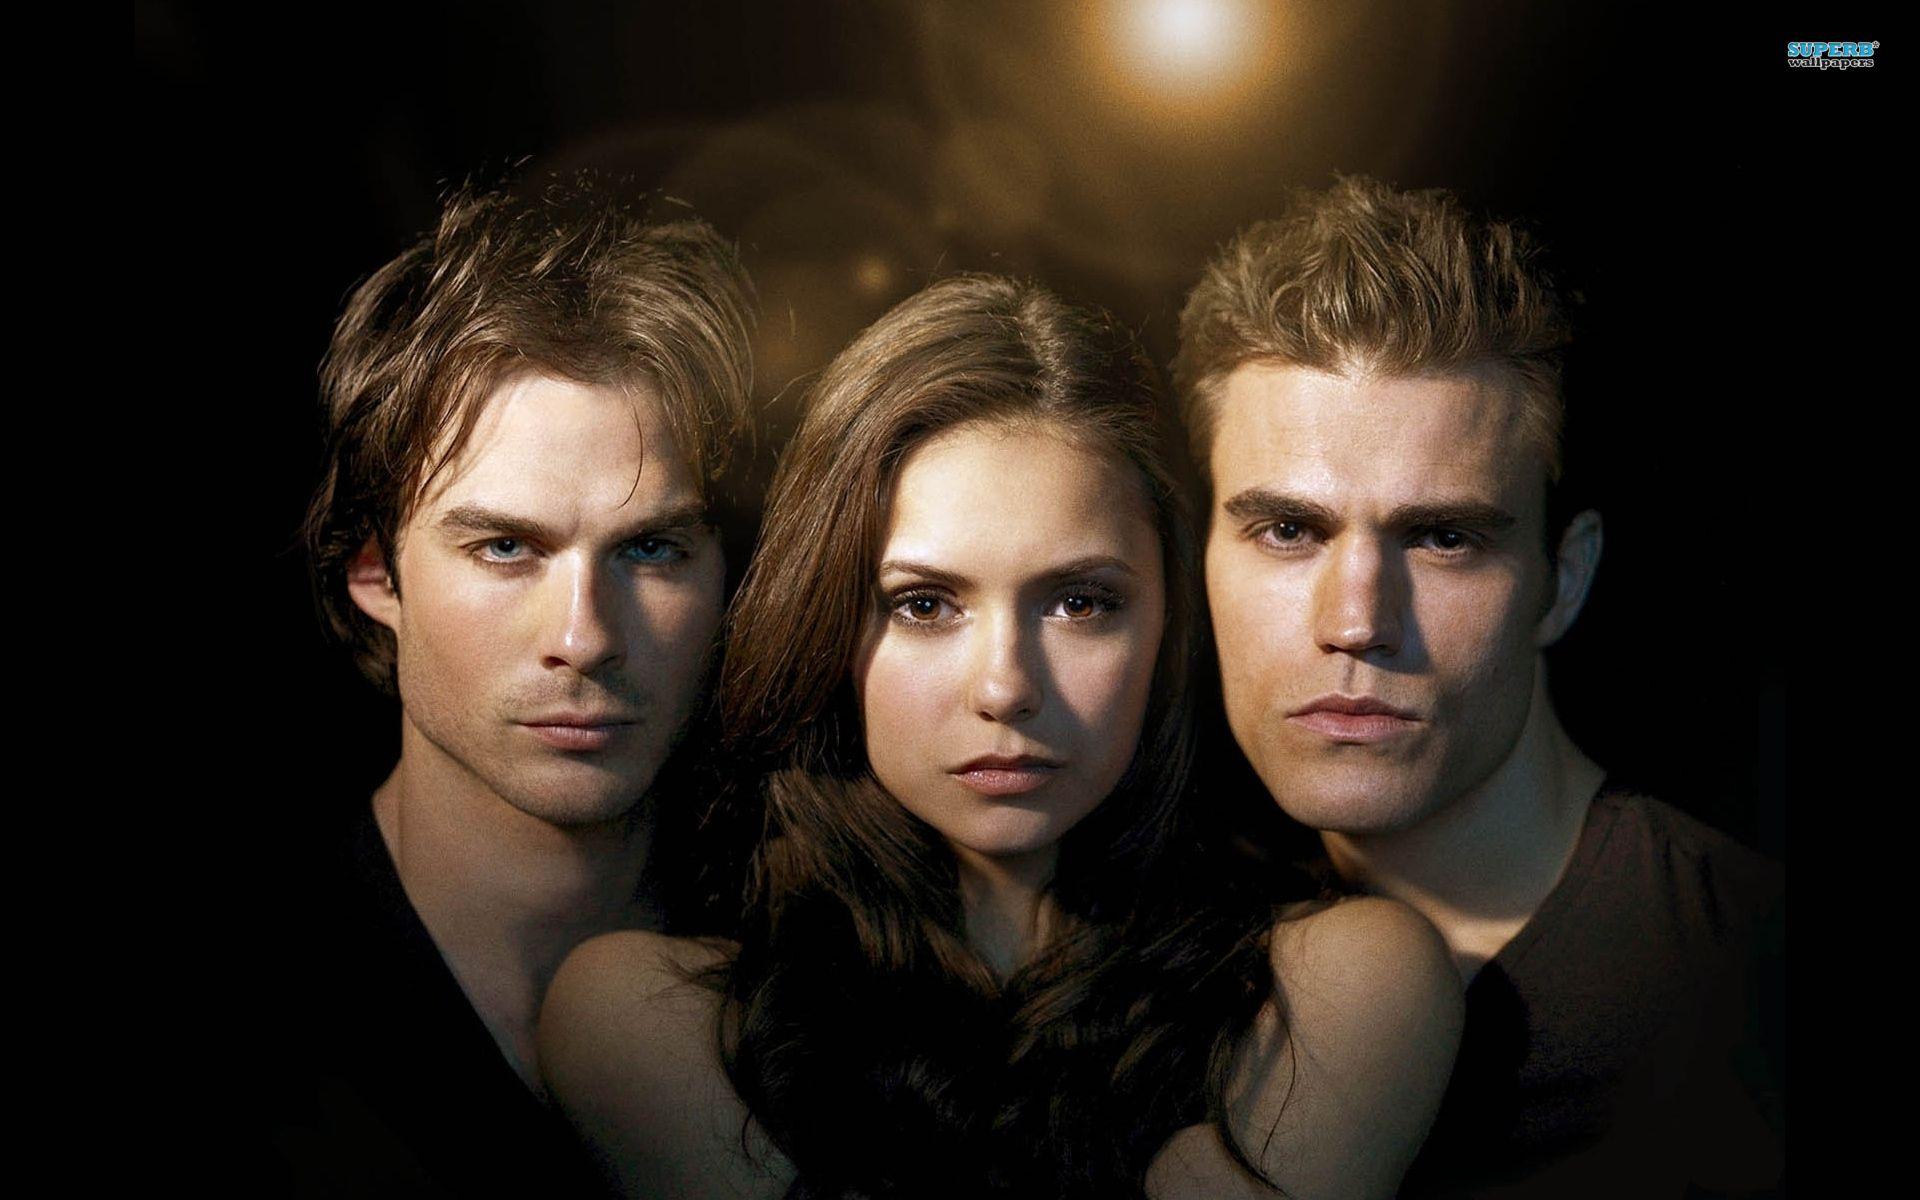 The Vampire Diaries Desktop Wallpaper Vampire Diaries Season 2 Vampire Diaries Vampire Diaries Season 7